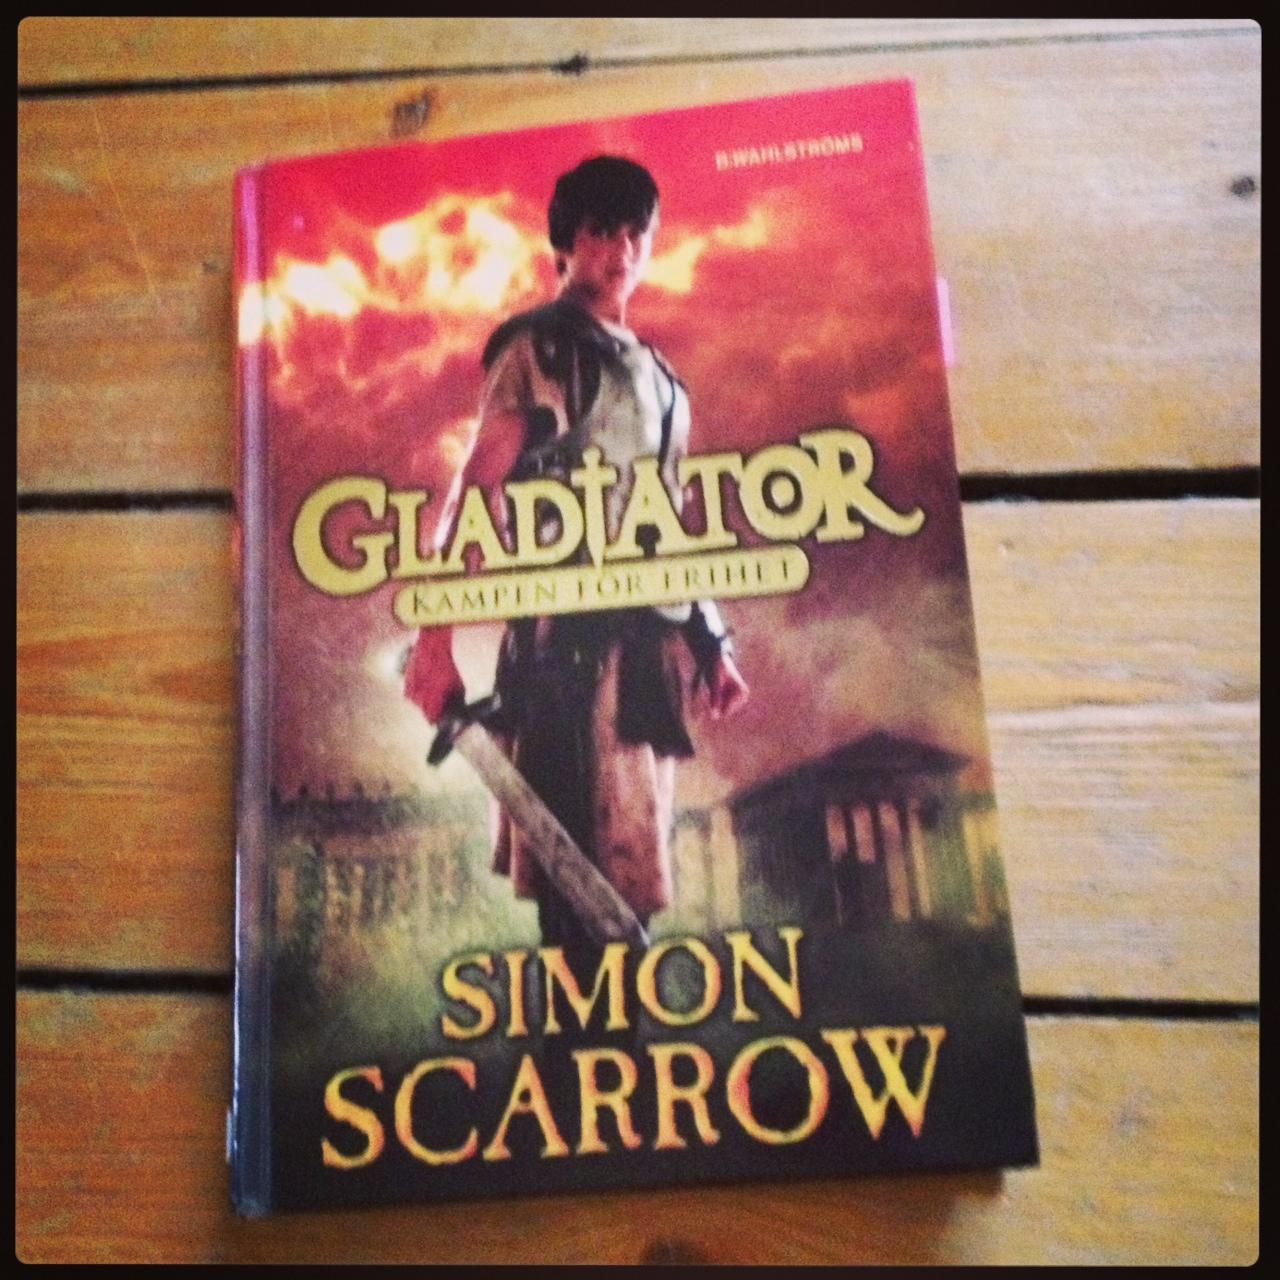 simon scarrow gladiator